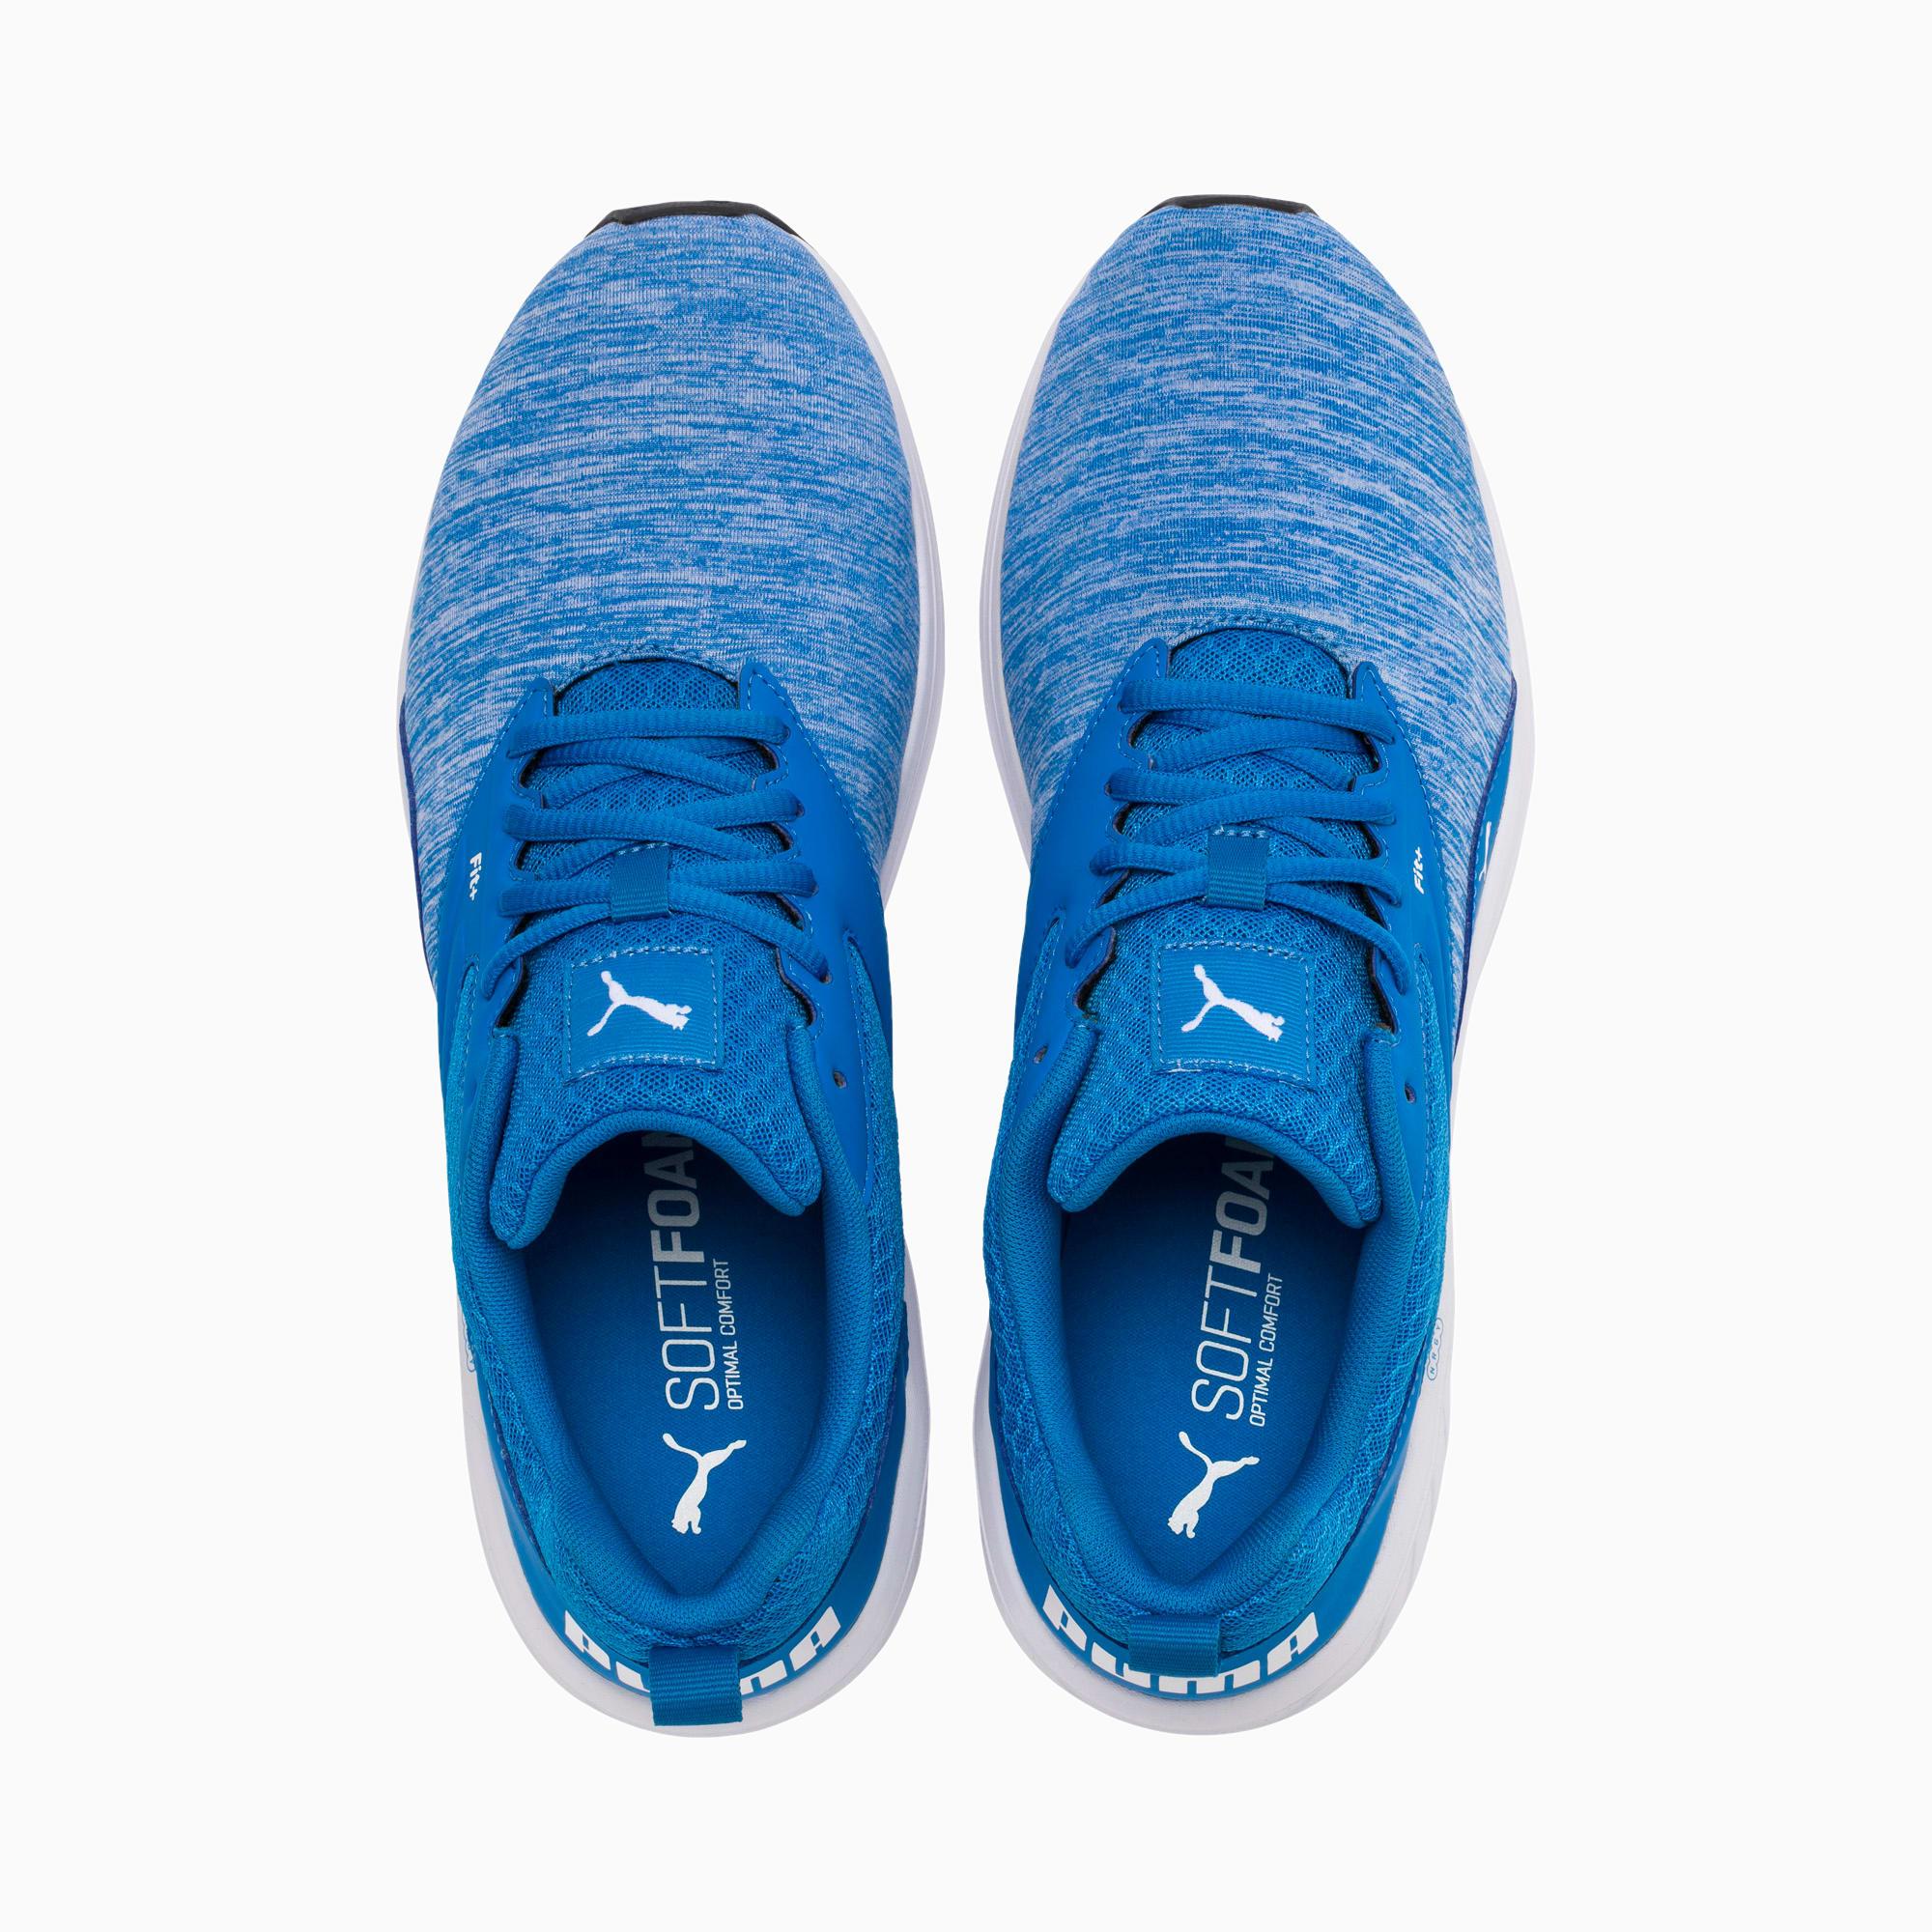 puma nrgy comet scarpe running unisex